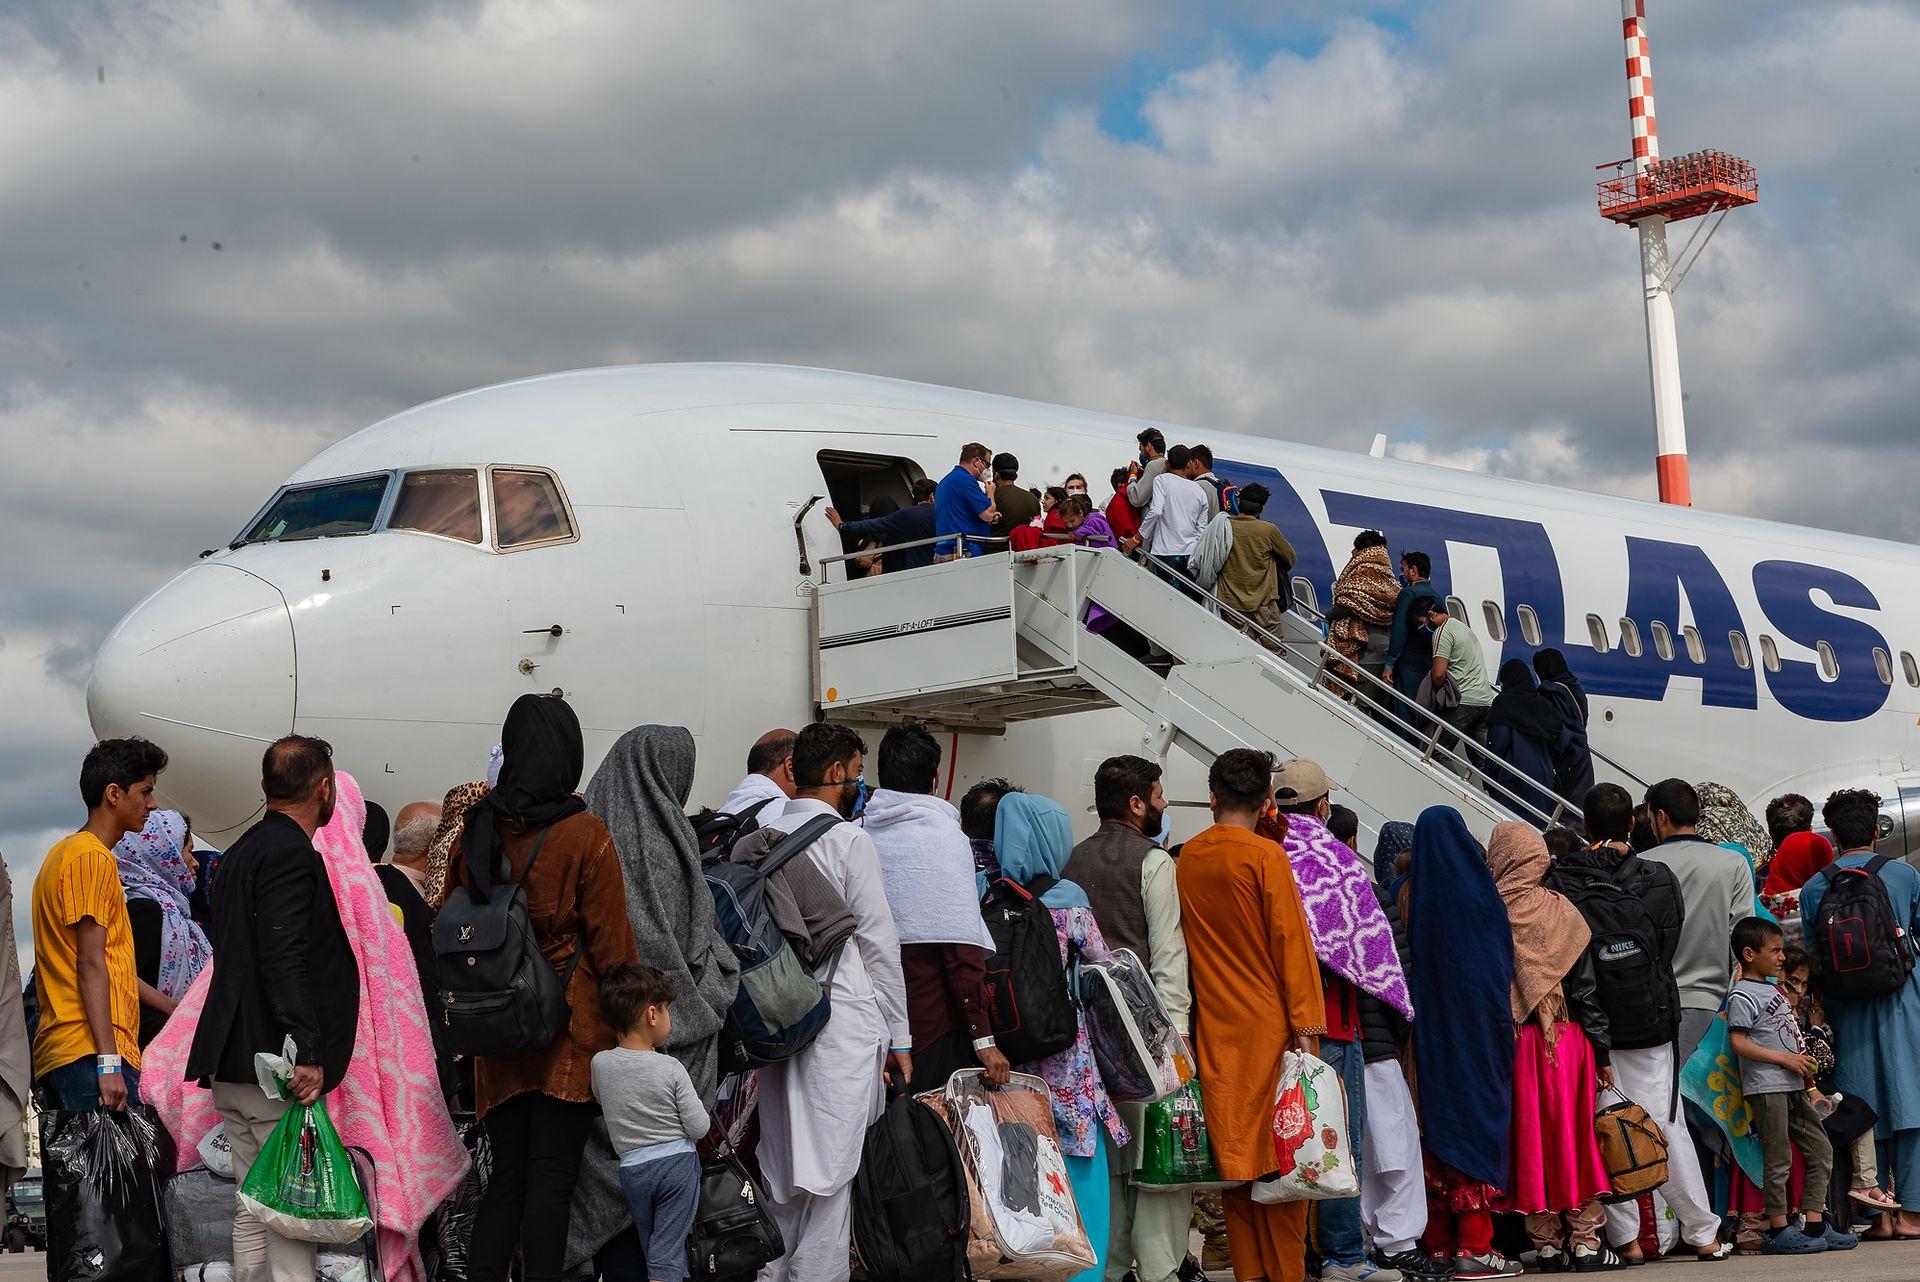 Refugiados afganos abordan un avión comercial con destino a EE. UU. Desde Kabul en la base aérea de Ramstein, en Alemania, después de ser evacuados de Afganistán tras la toma de poder de los talibanes